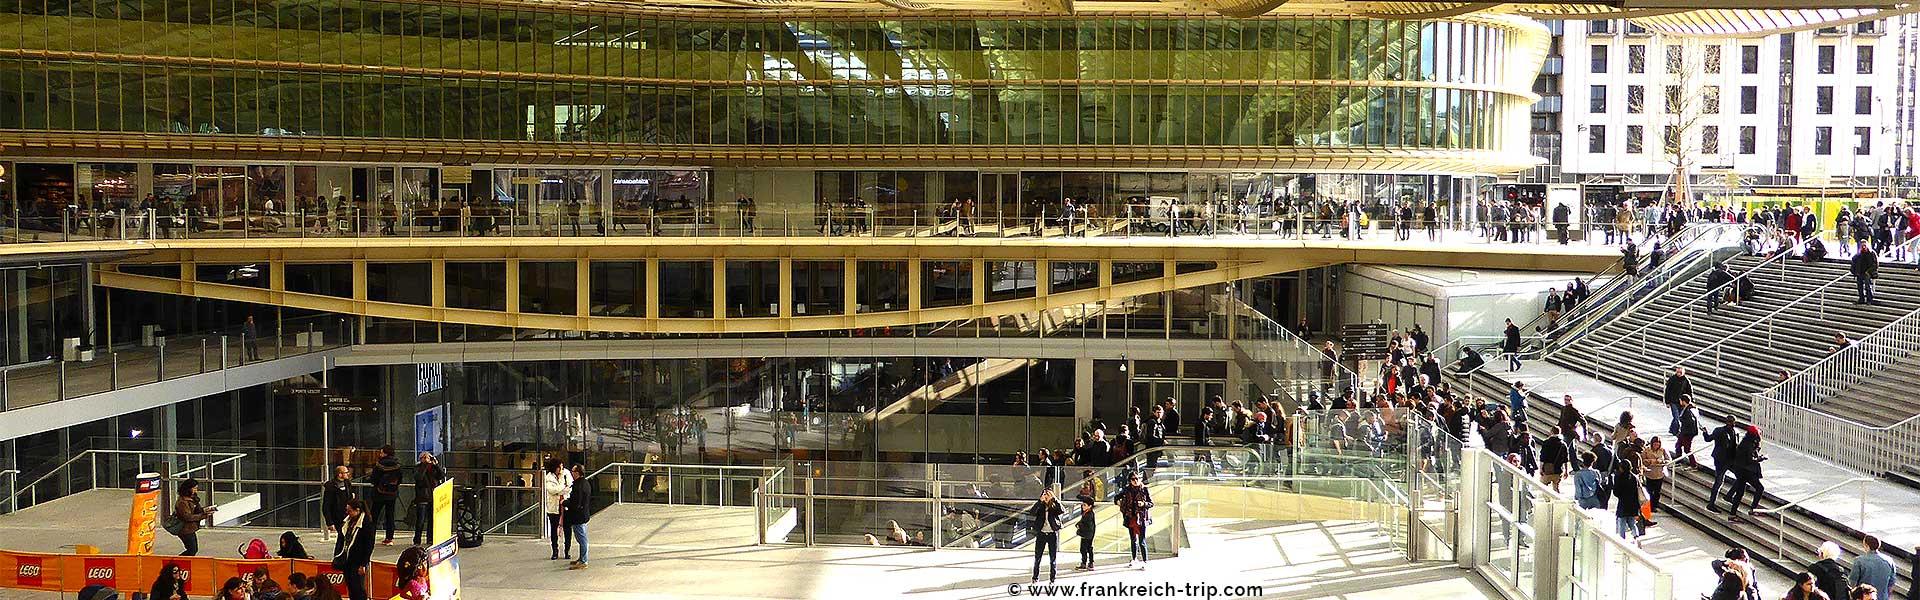 Paris Les Halles shopping